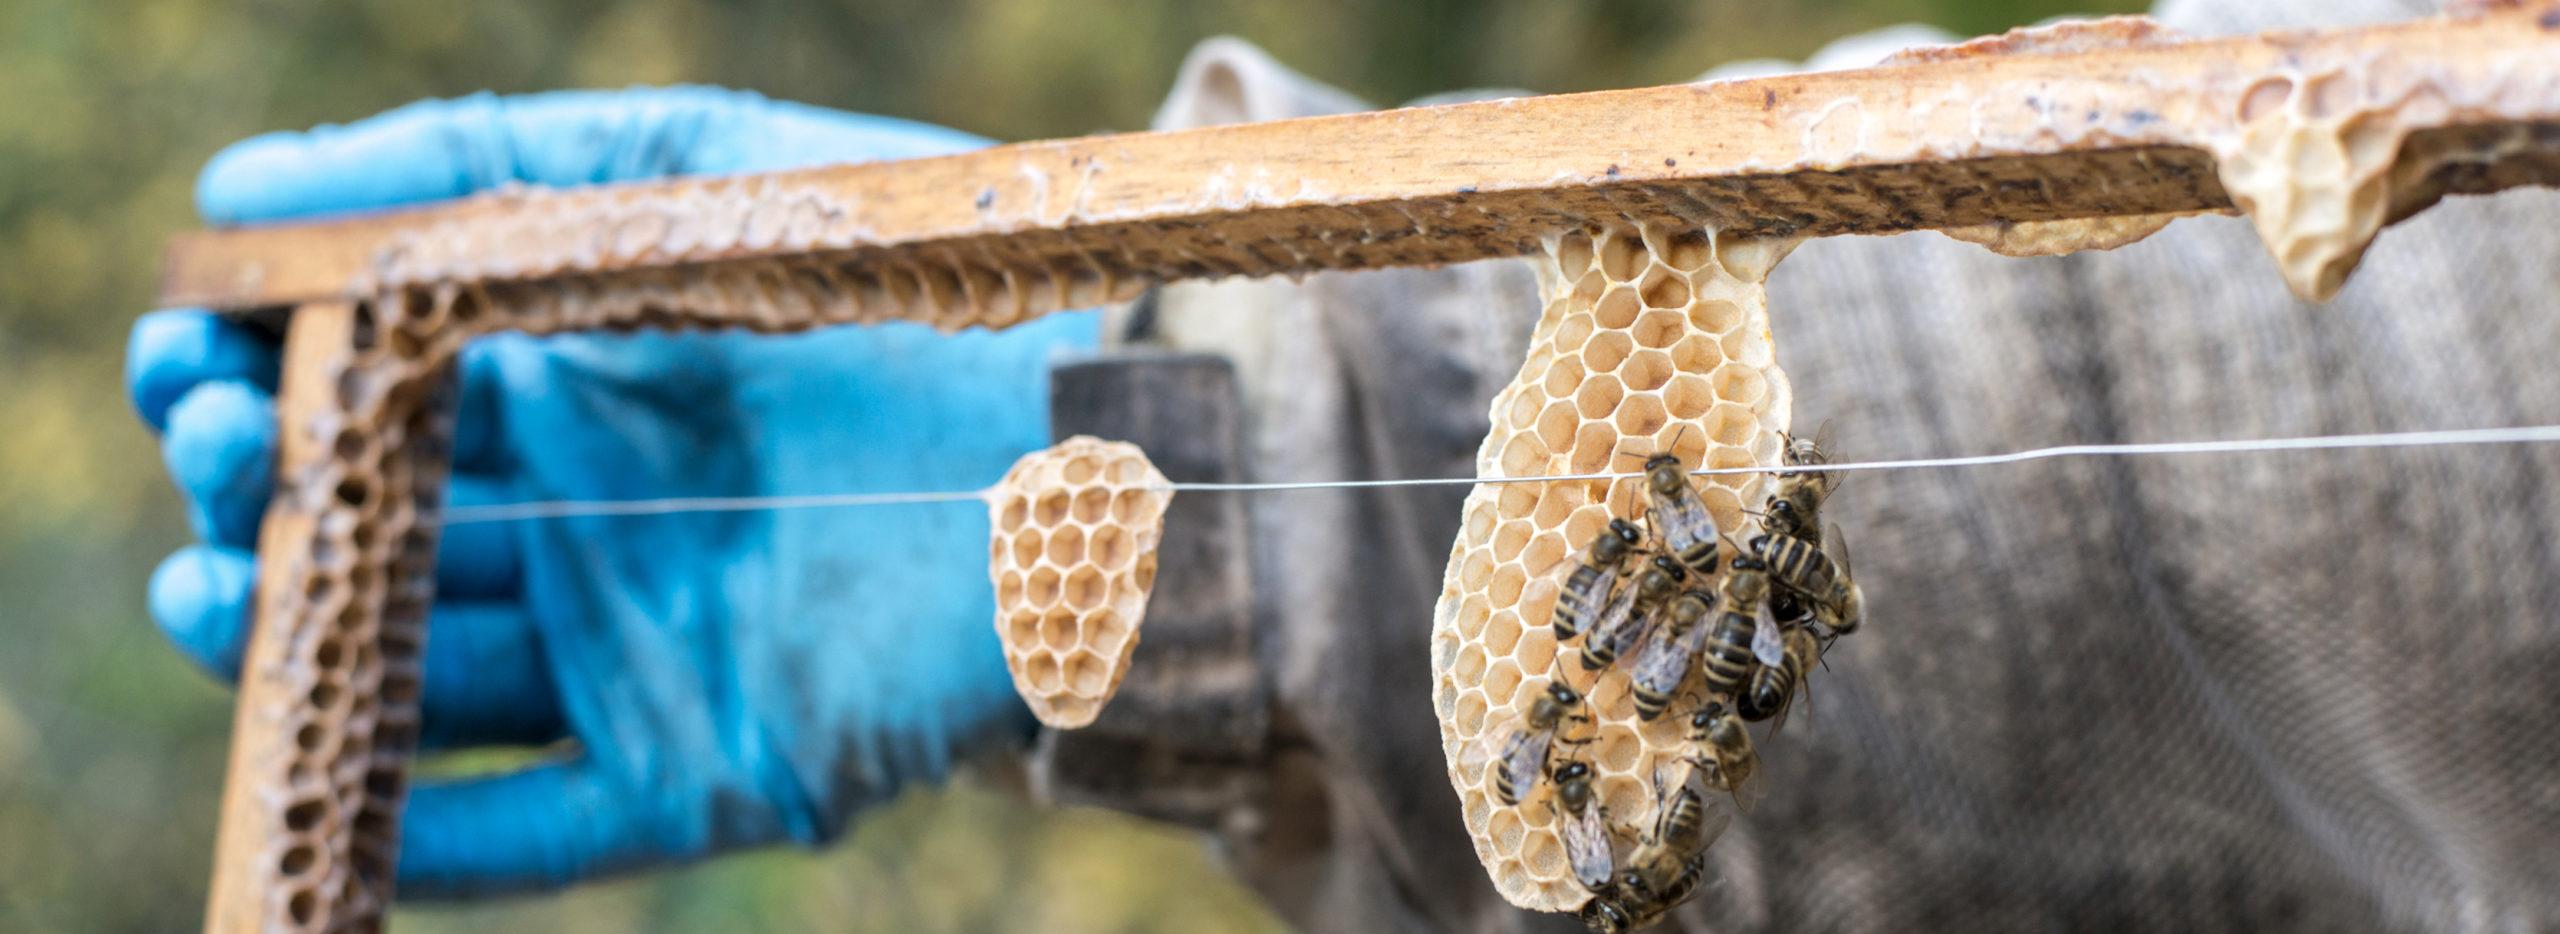 Bienstock mit Waben und Bienen